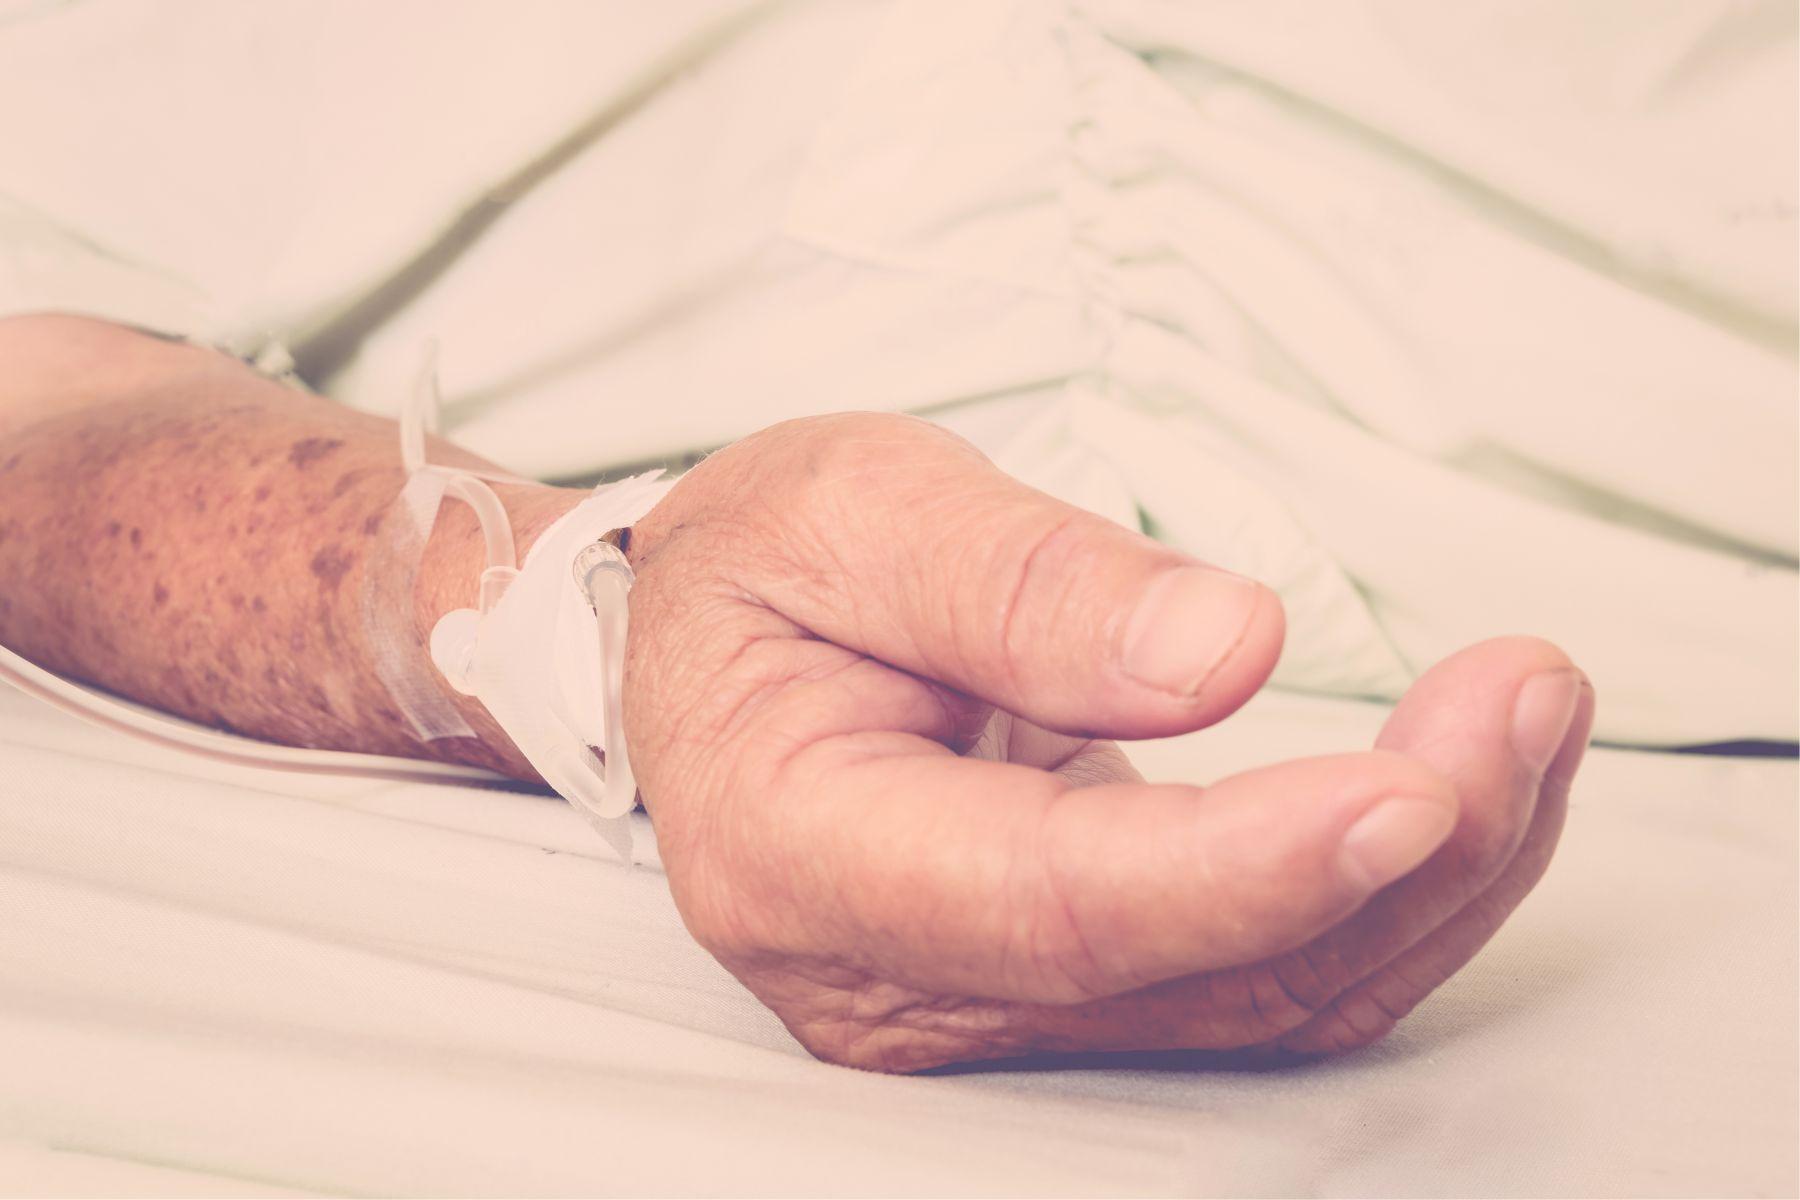 醫師告白/母親癌逝給我的啟示:5個遠離癌症的生活秘訣